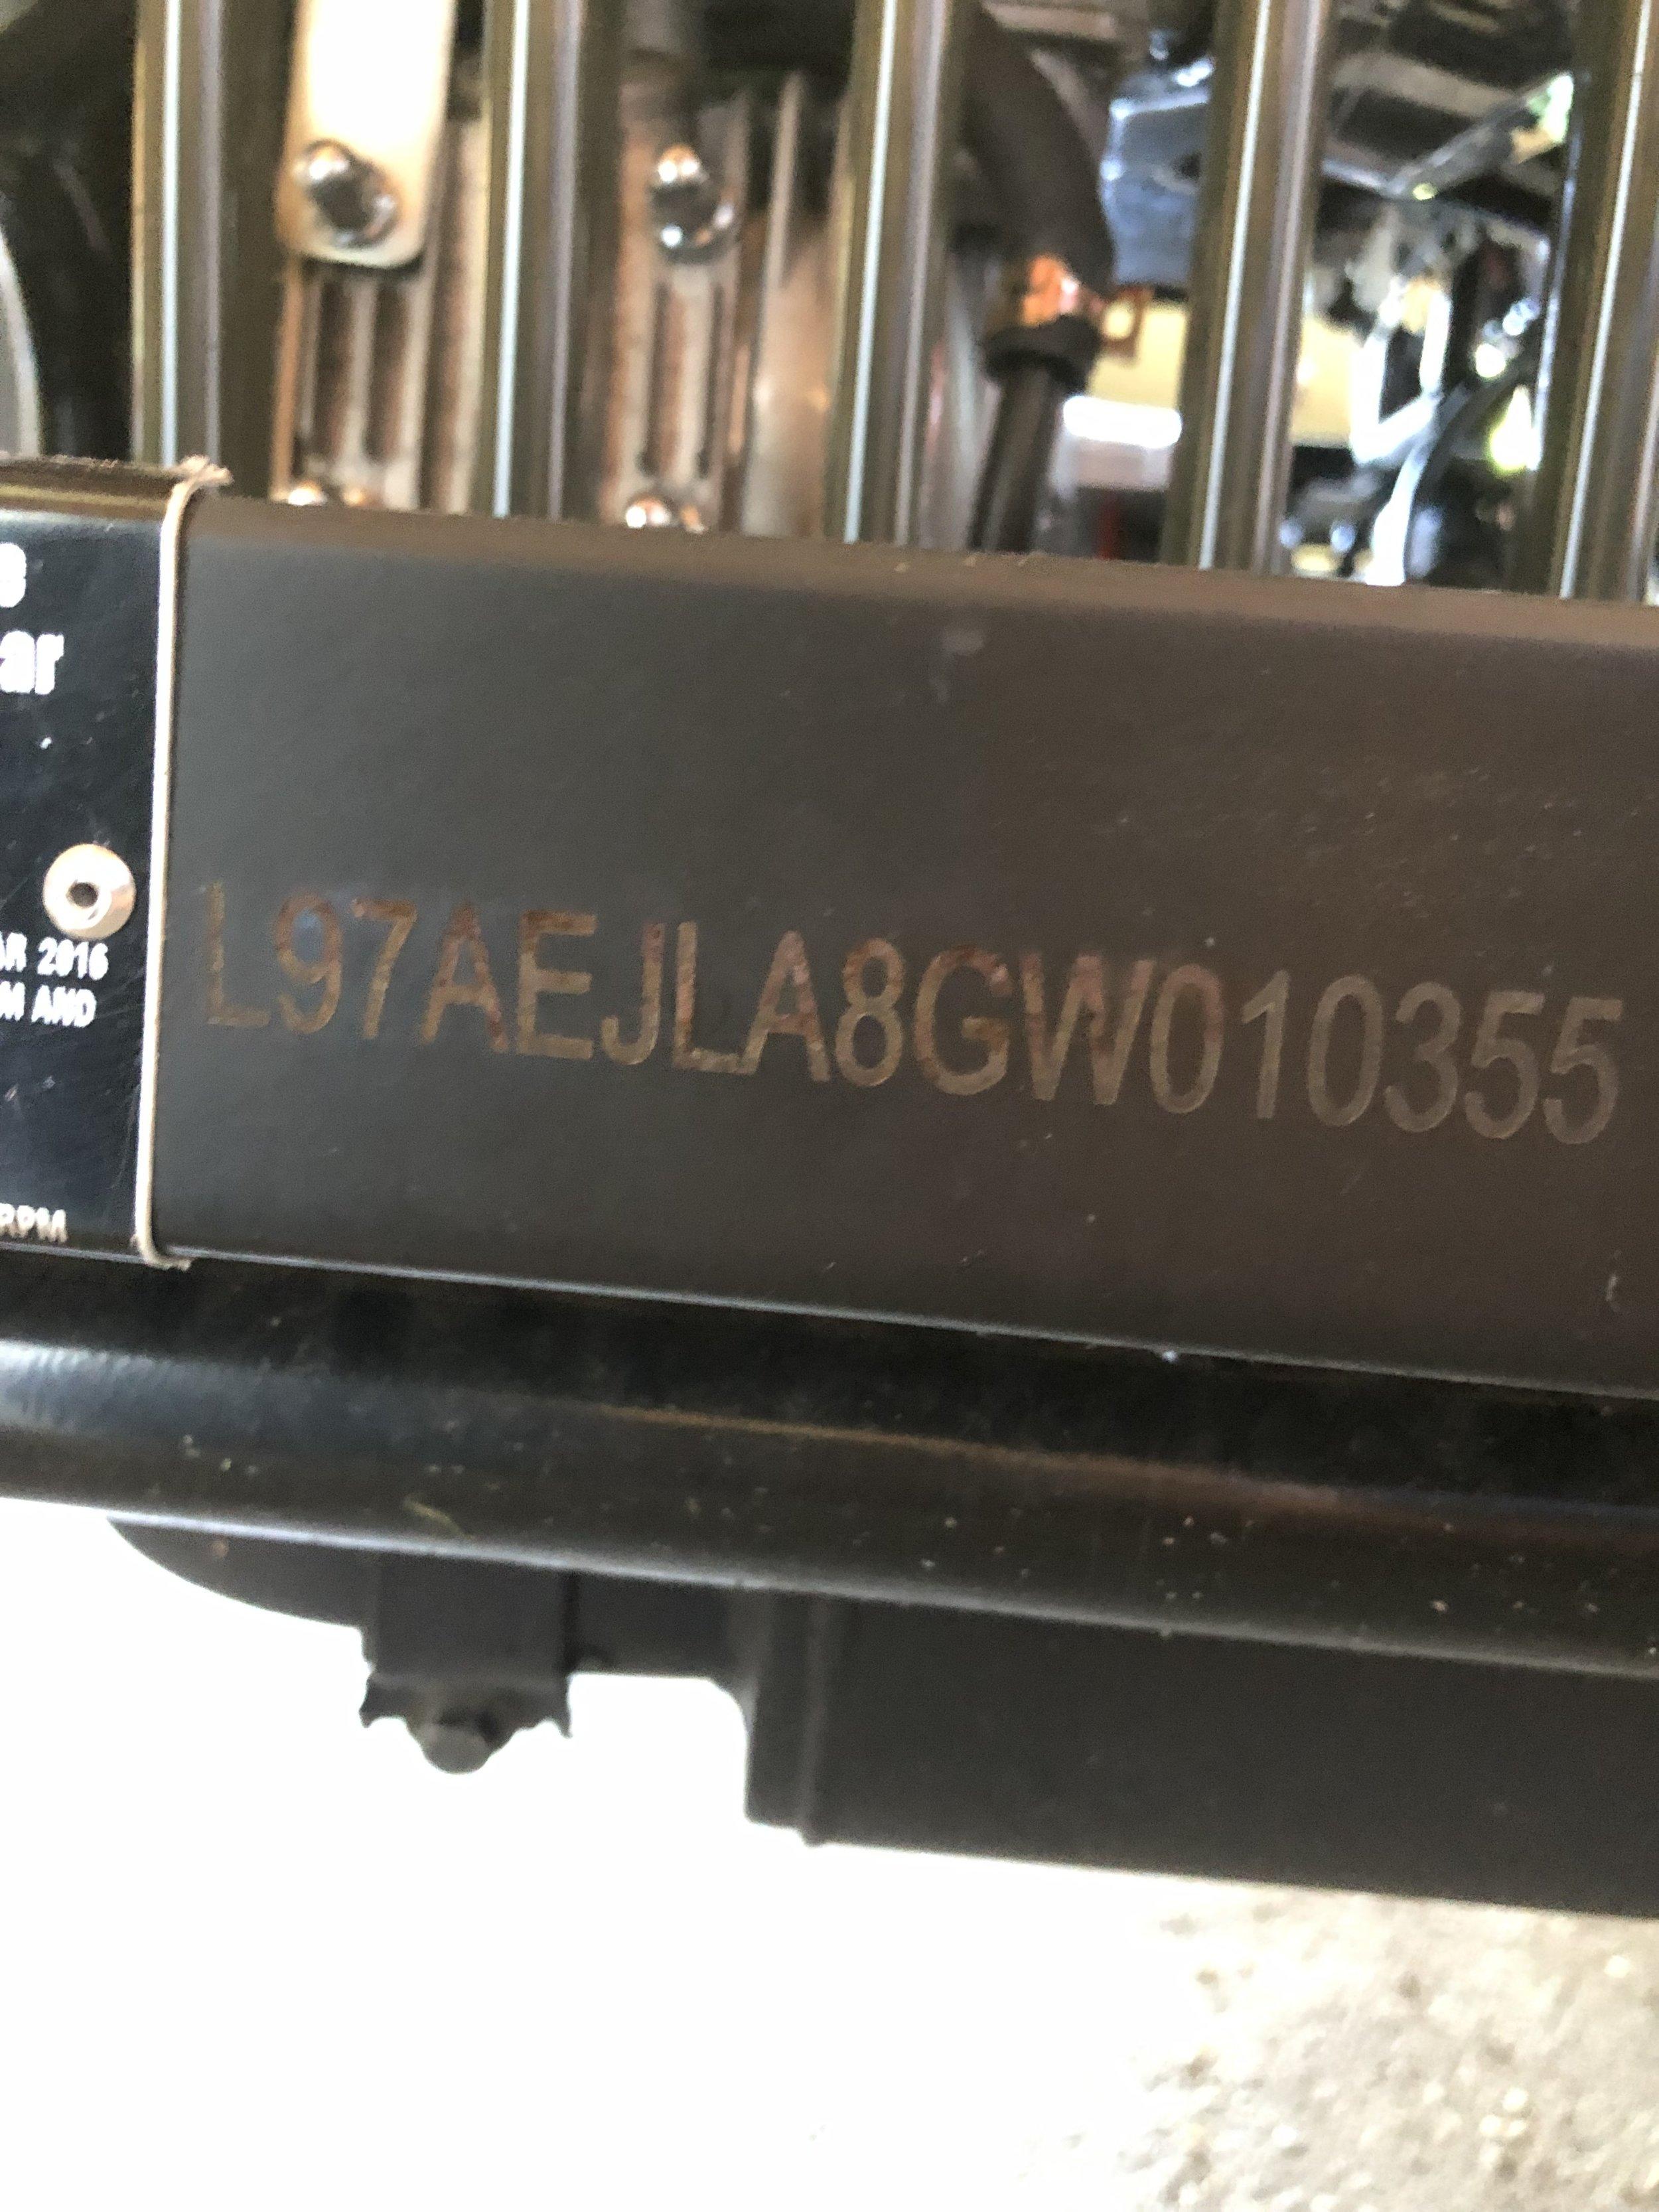 67B9EE58-615F-4EB1-95EF-DA507101EE8C.jpeg